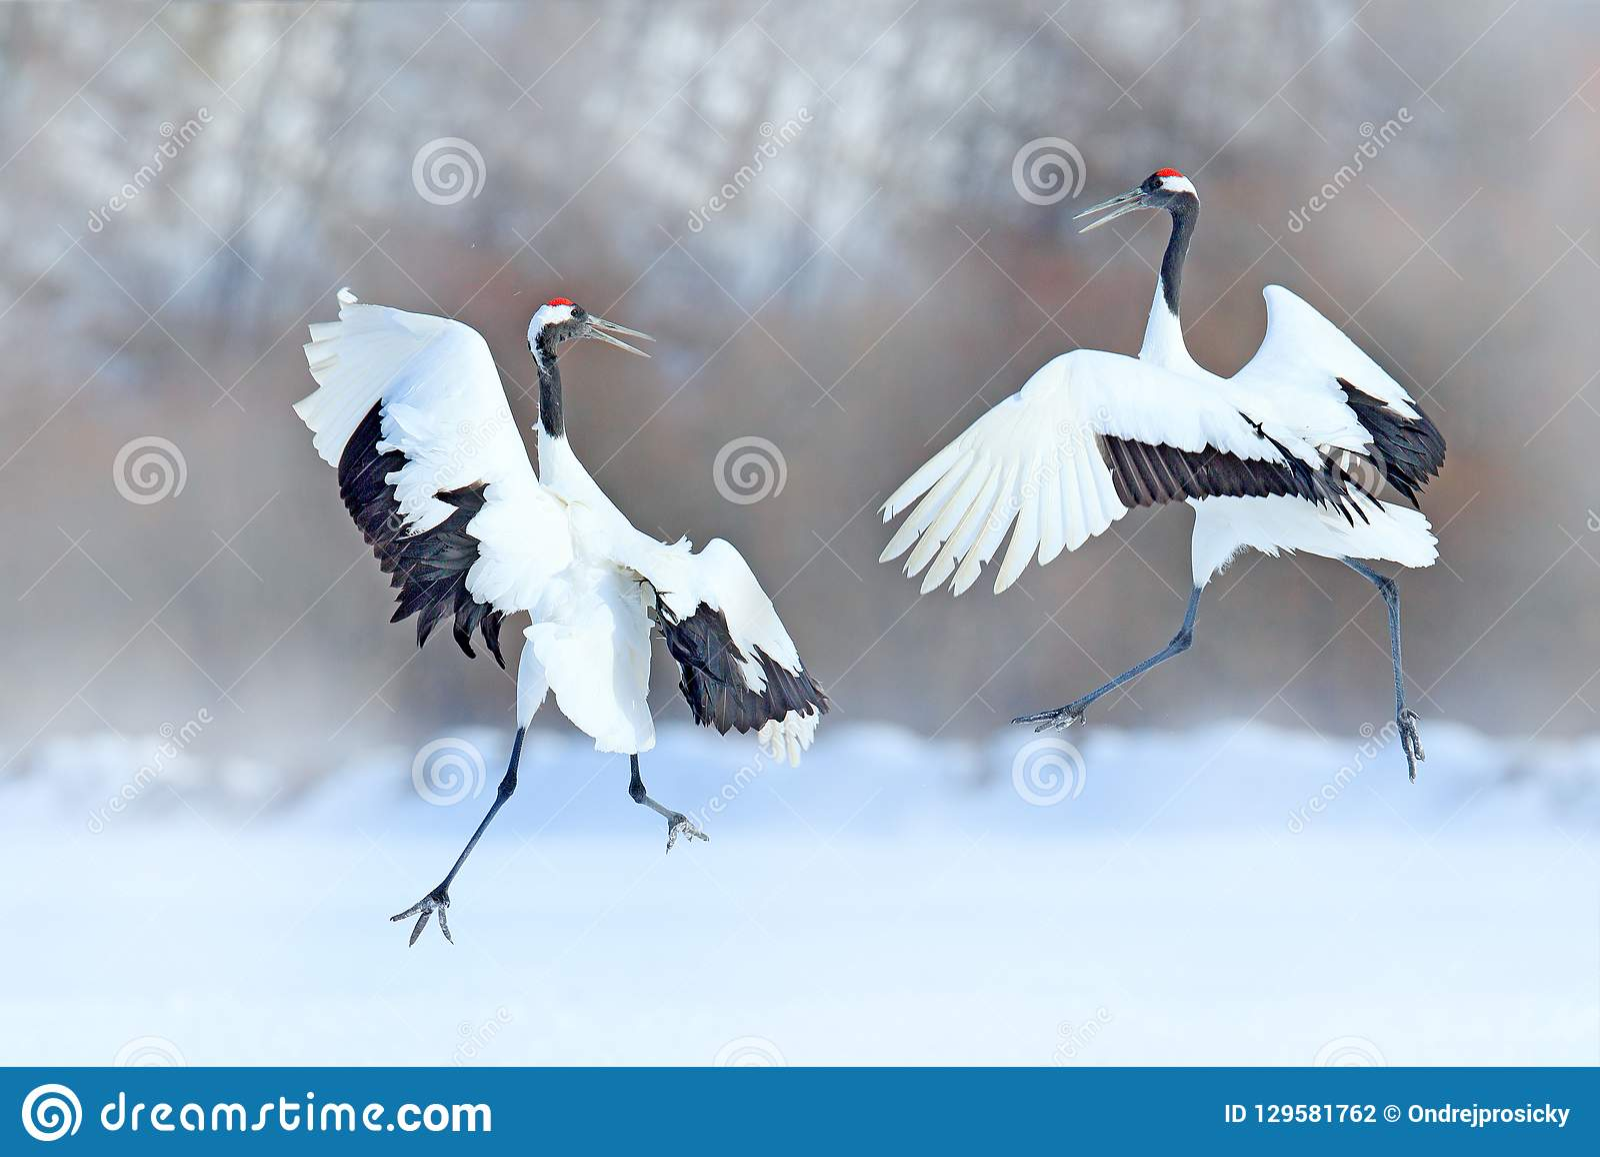 Het dansen paar van rood-Bekroonde kraan met open vleugels, de winter Hokkaido, Japan Sneeuwdans in aard Vrijage van mooie grote